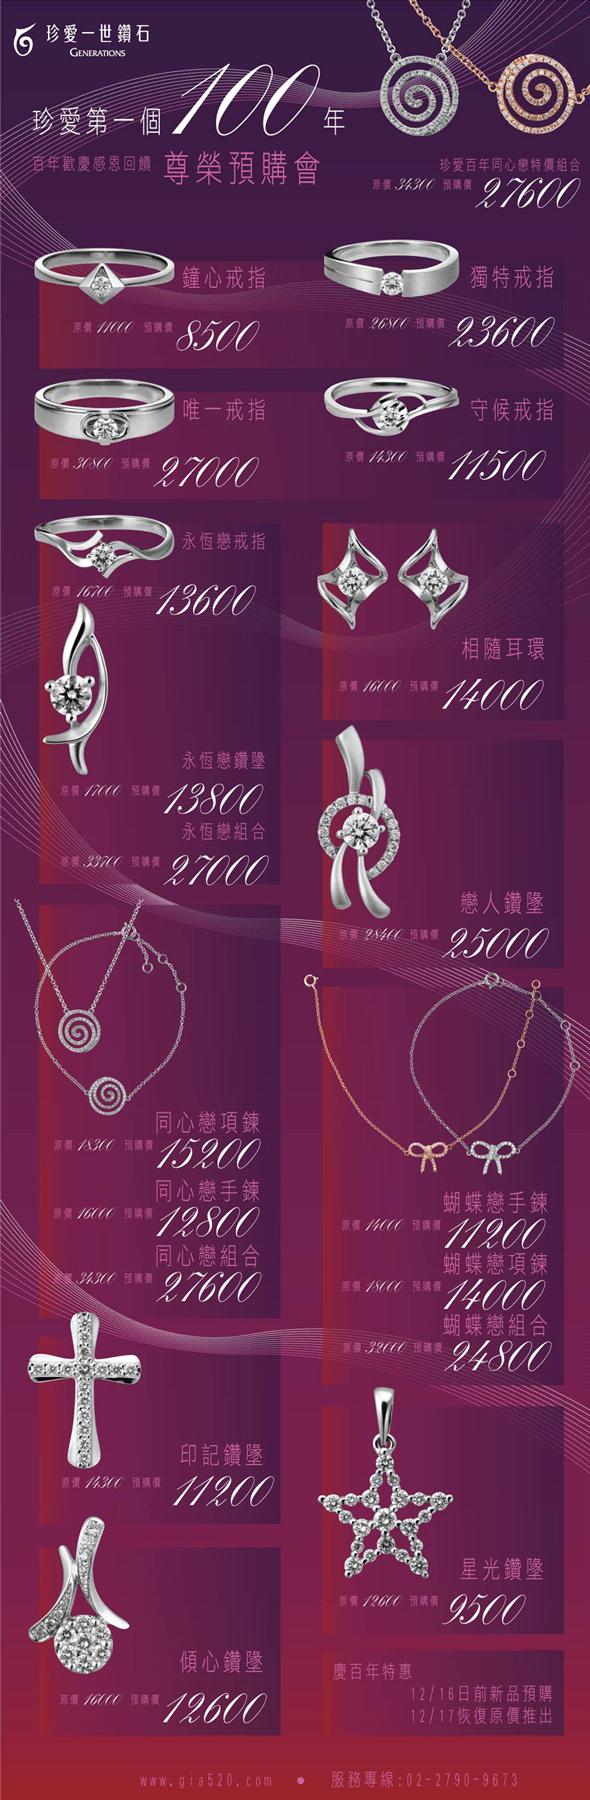 珍愛一世鑽石-2010-品牌發展